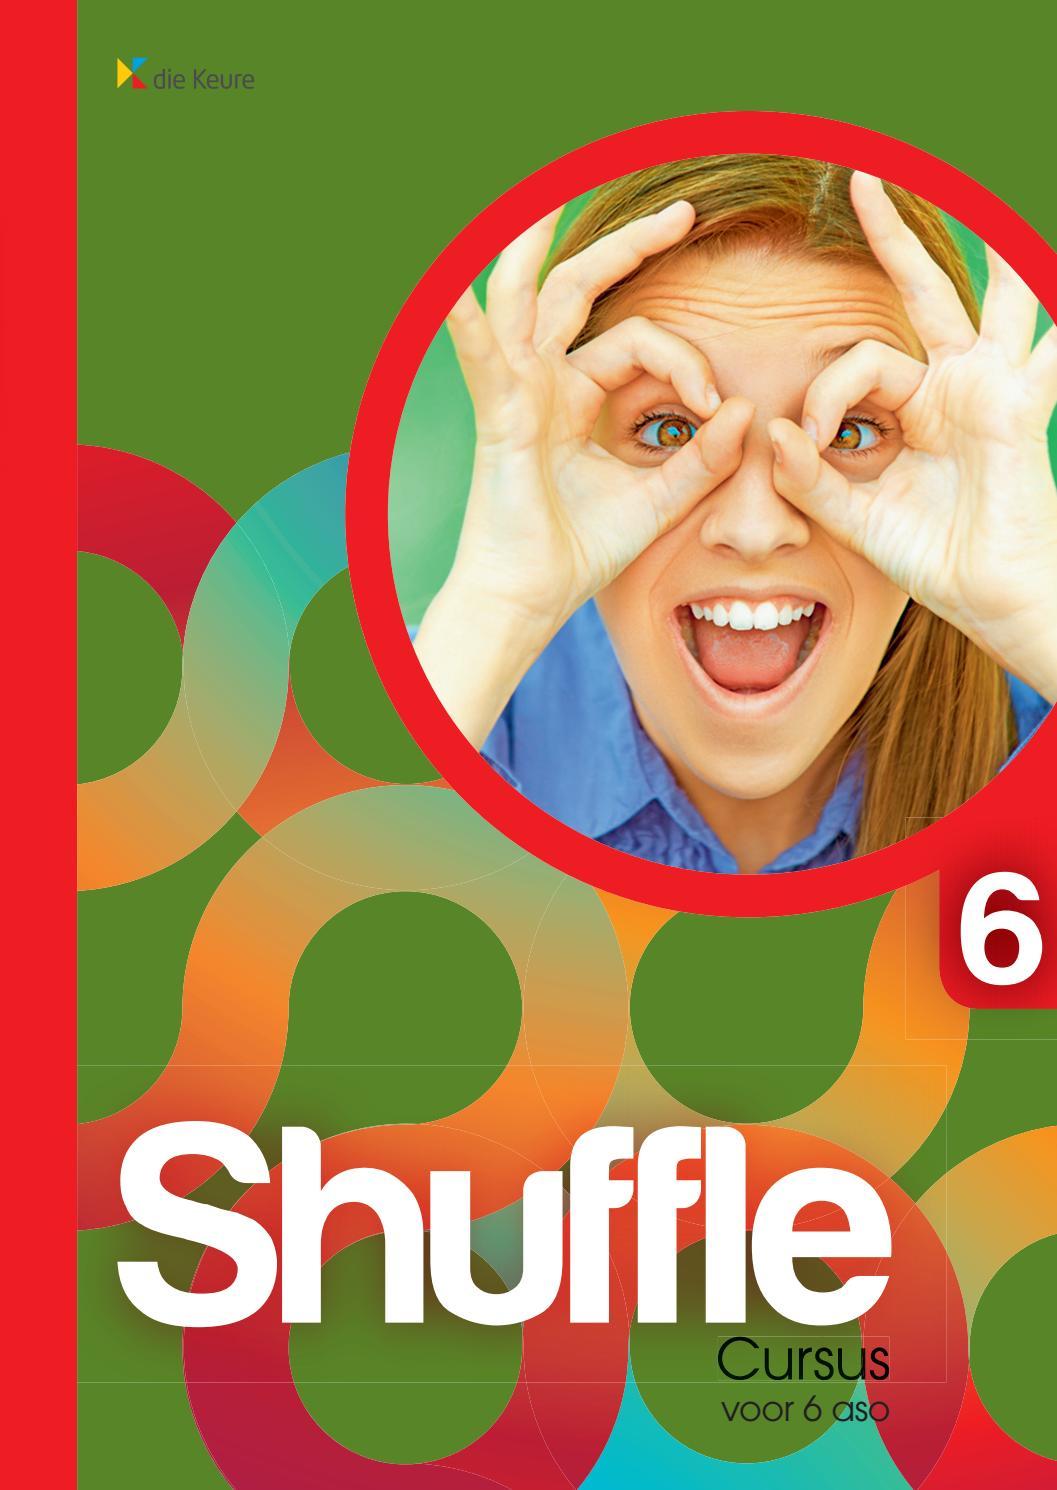 Shuffle 6 By Die Keure Issuu